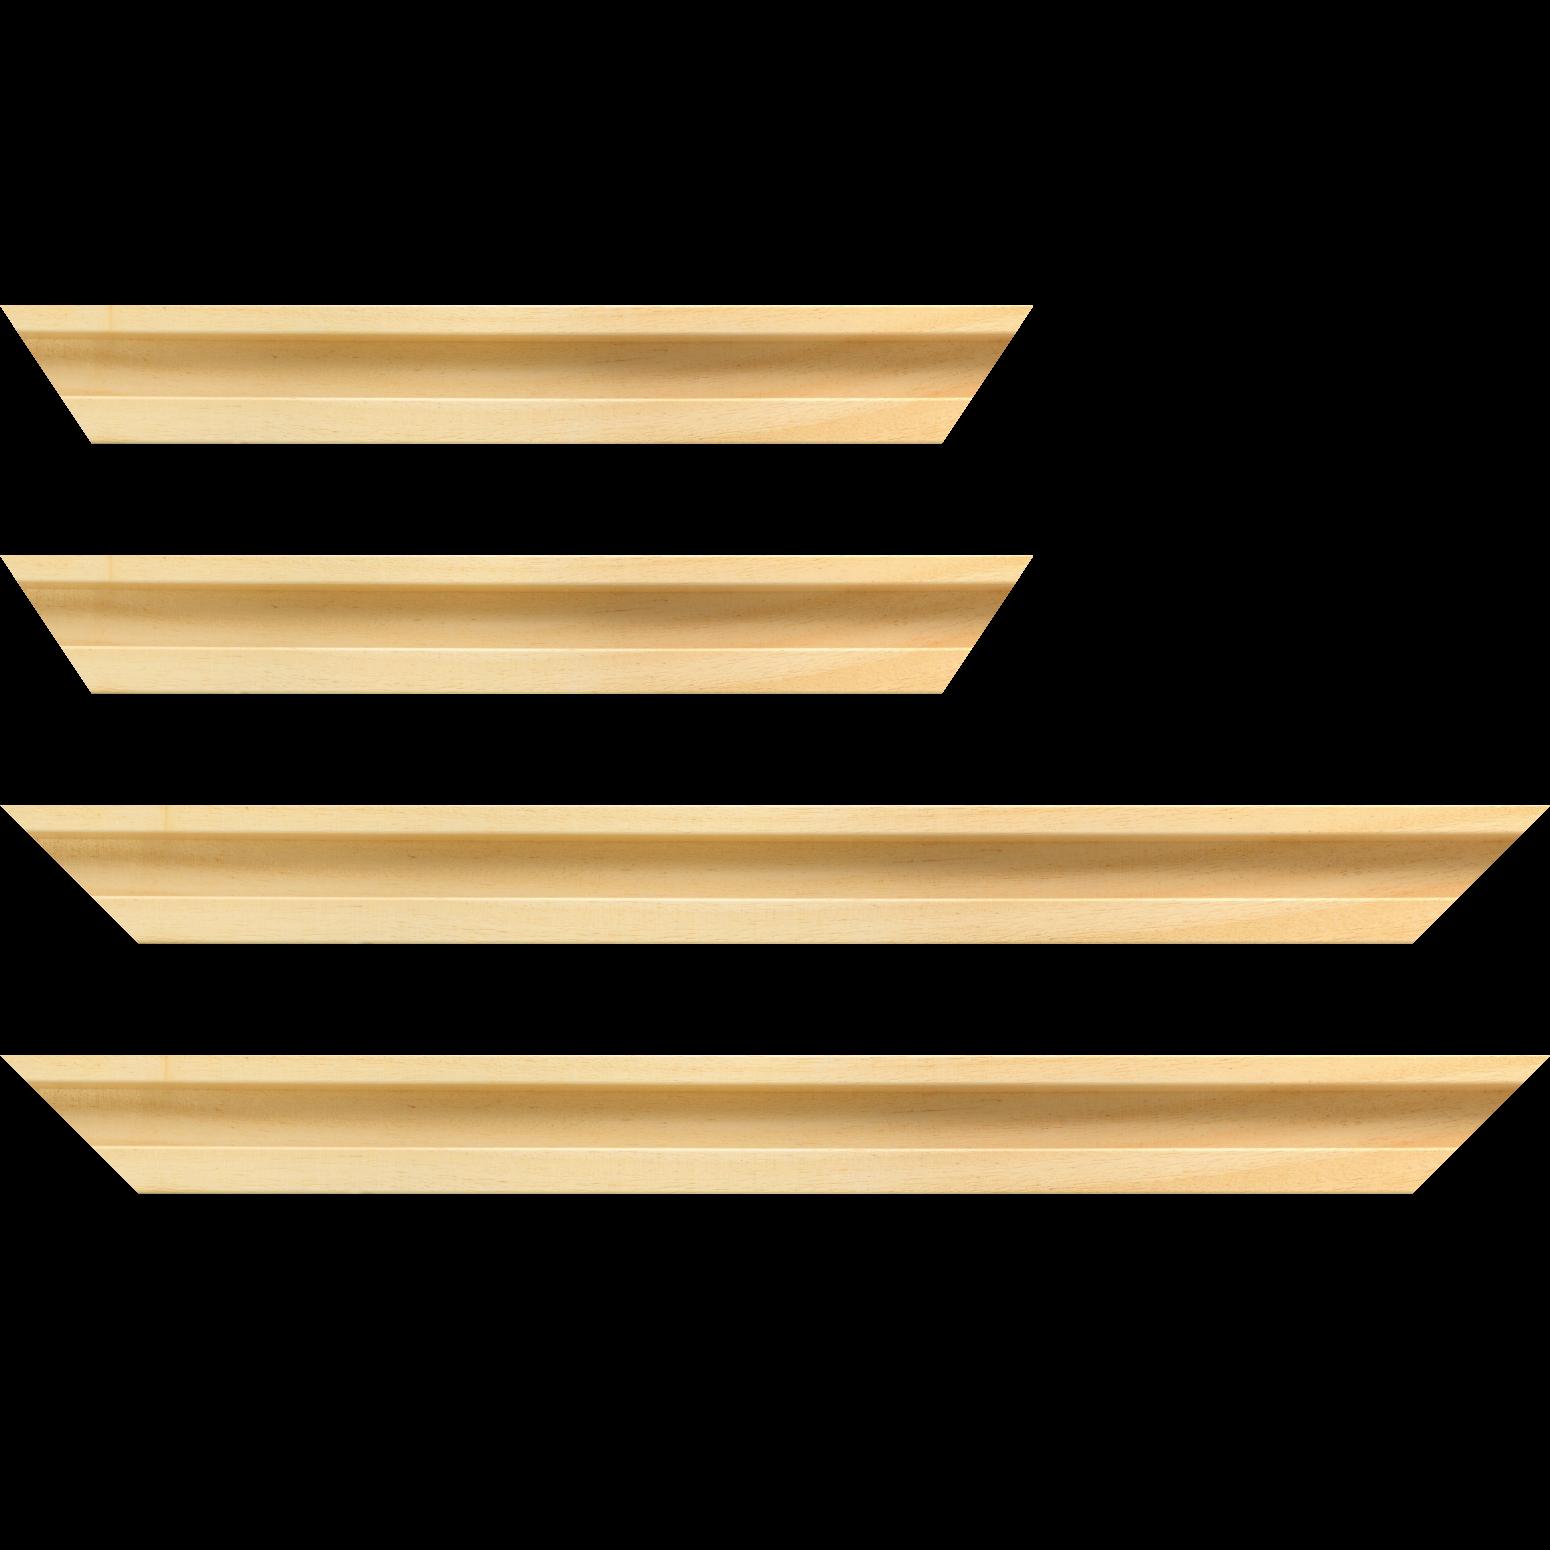 Baguette service précoupé Bois caisse américaine largeur 4.5cm naturel satiné (spécialement concu pour les supports papier necessitant une protection et un isorel assurant le maintien de l'ensemble  : le sujet se met à l'intérieur du cadre ) profil en U